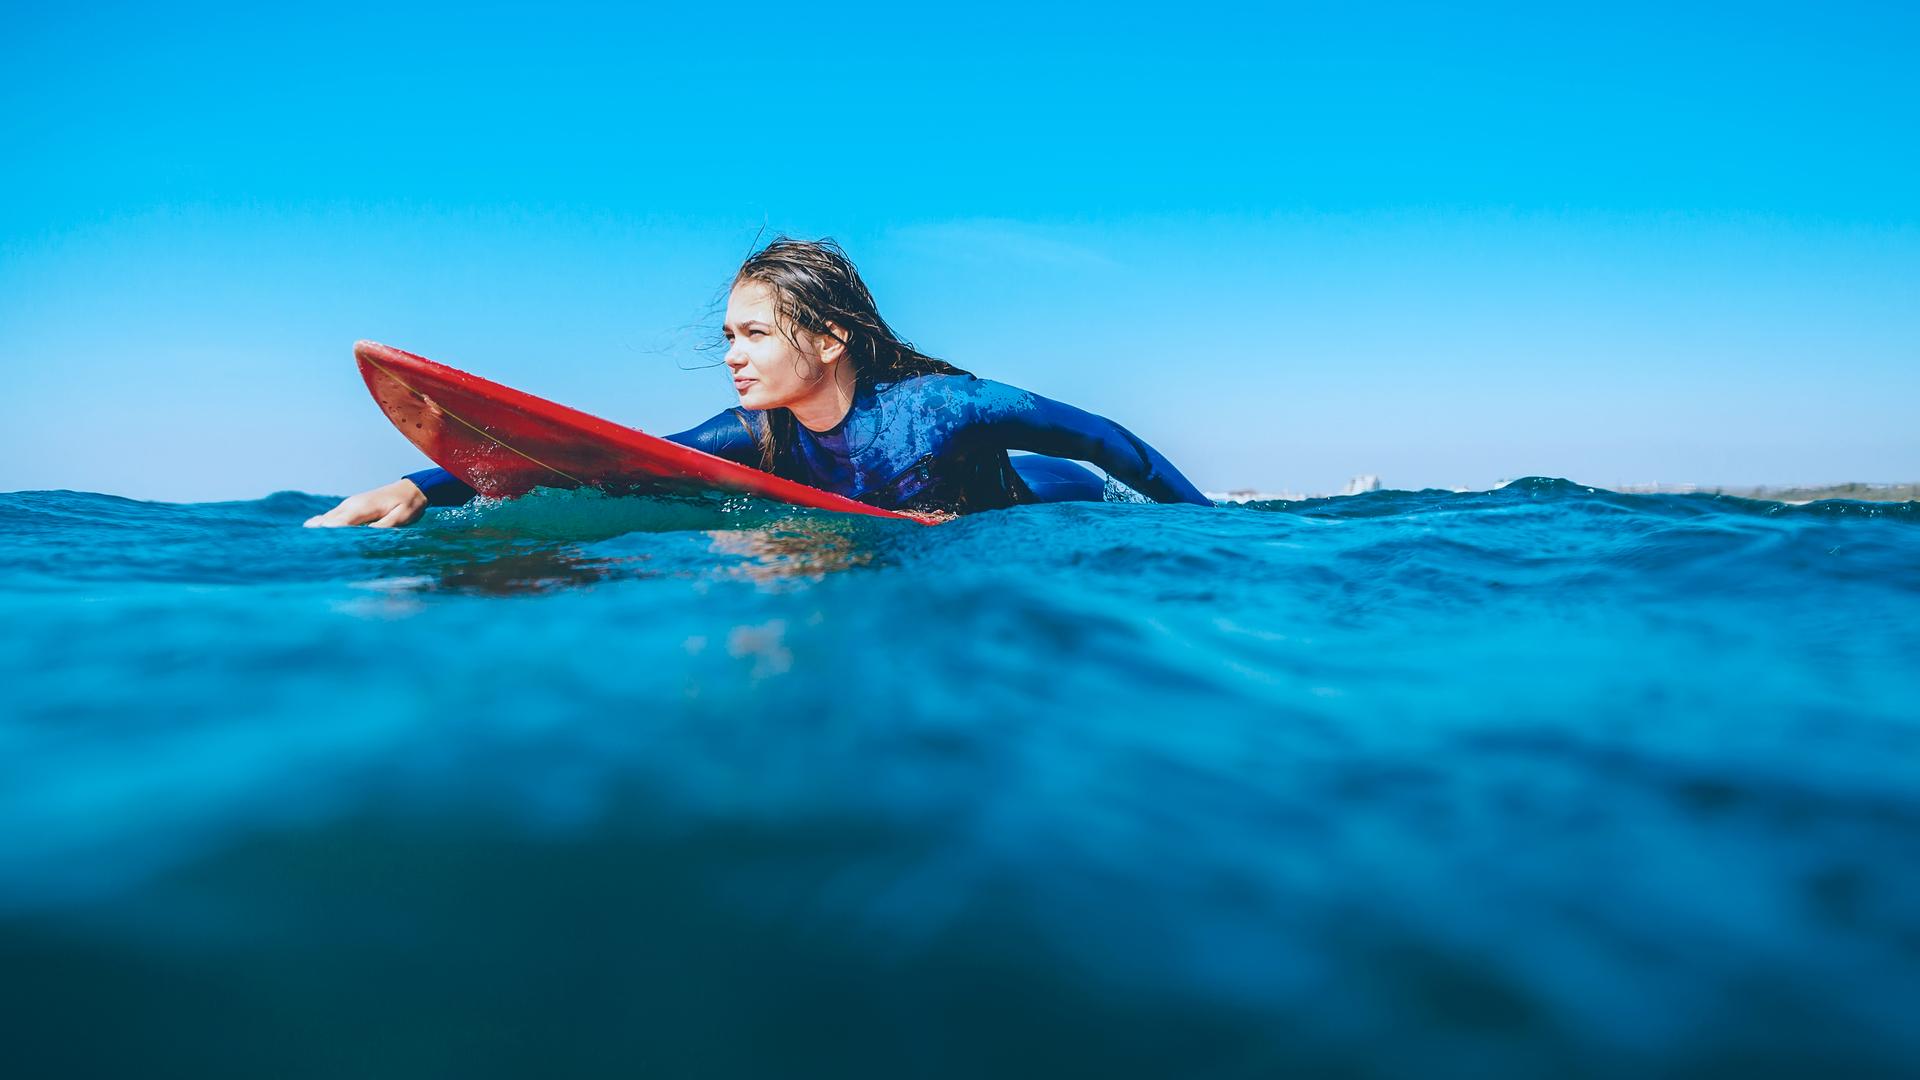 Beneficios-psicológicos-del-surf-en-niños-y-adultos-1.jpg